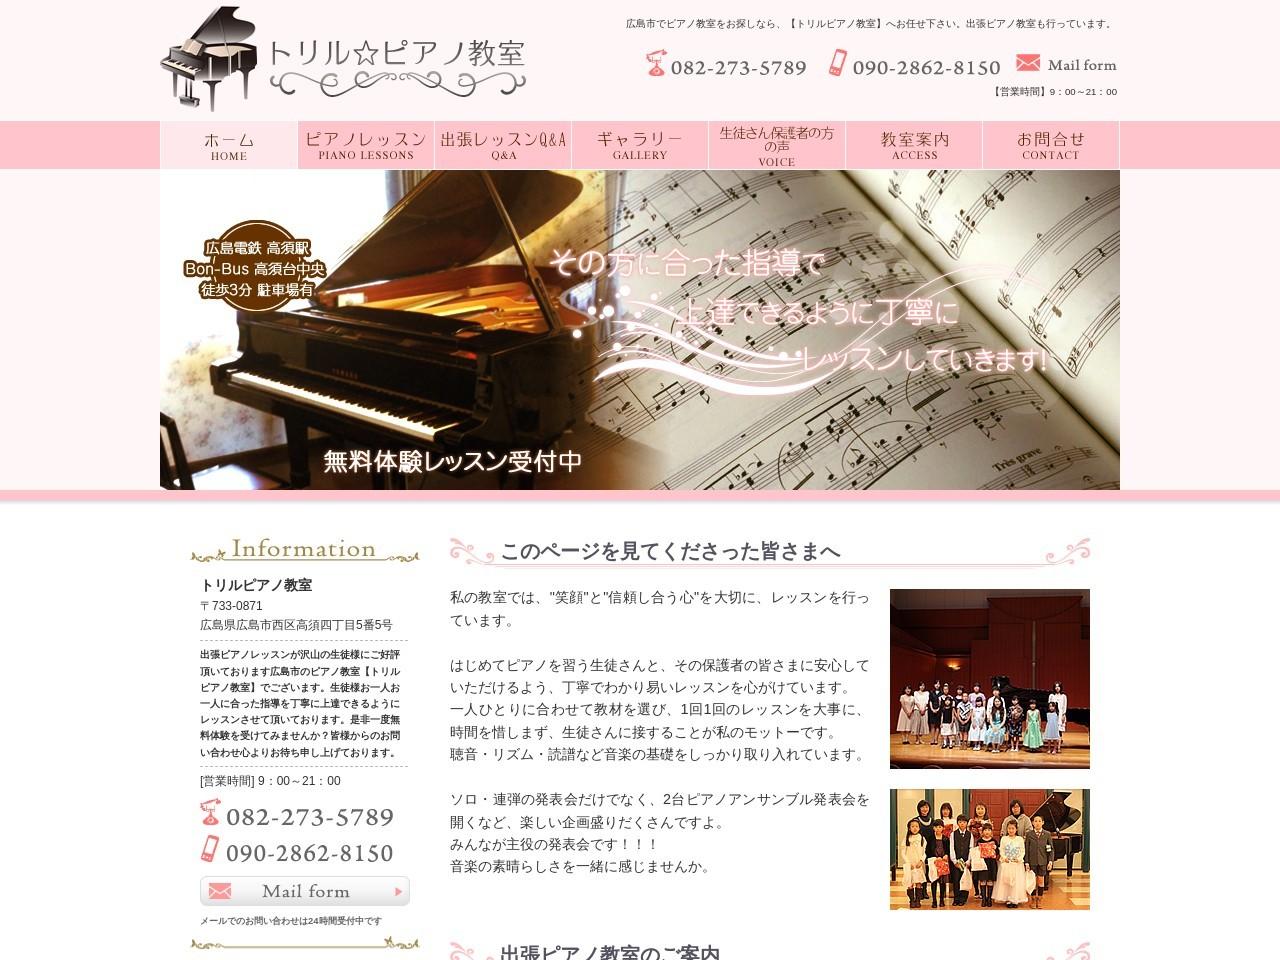 トリプルピアノ教室のサムネイル